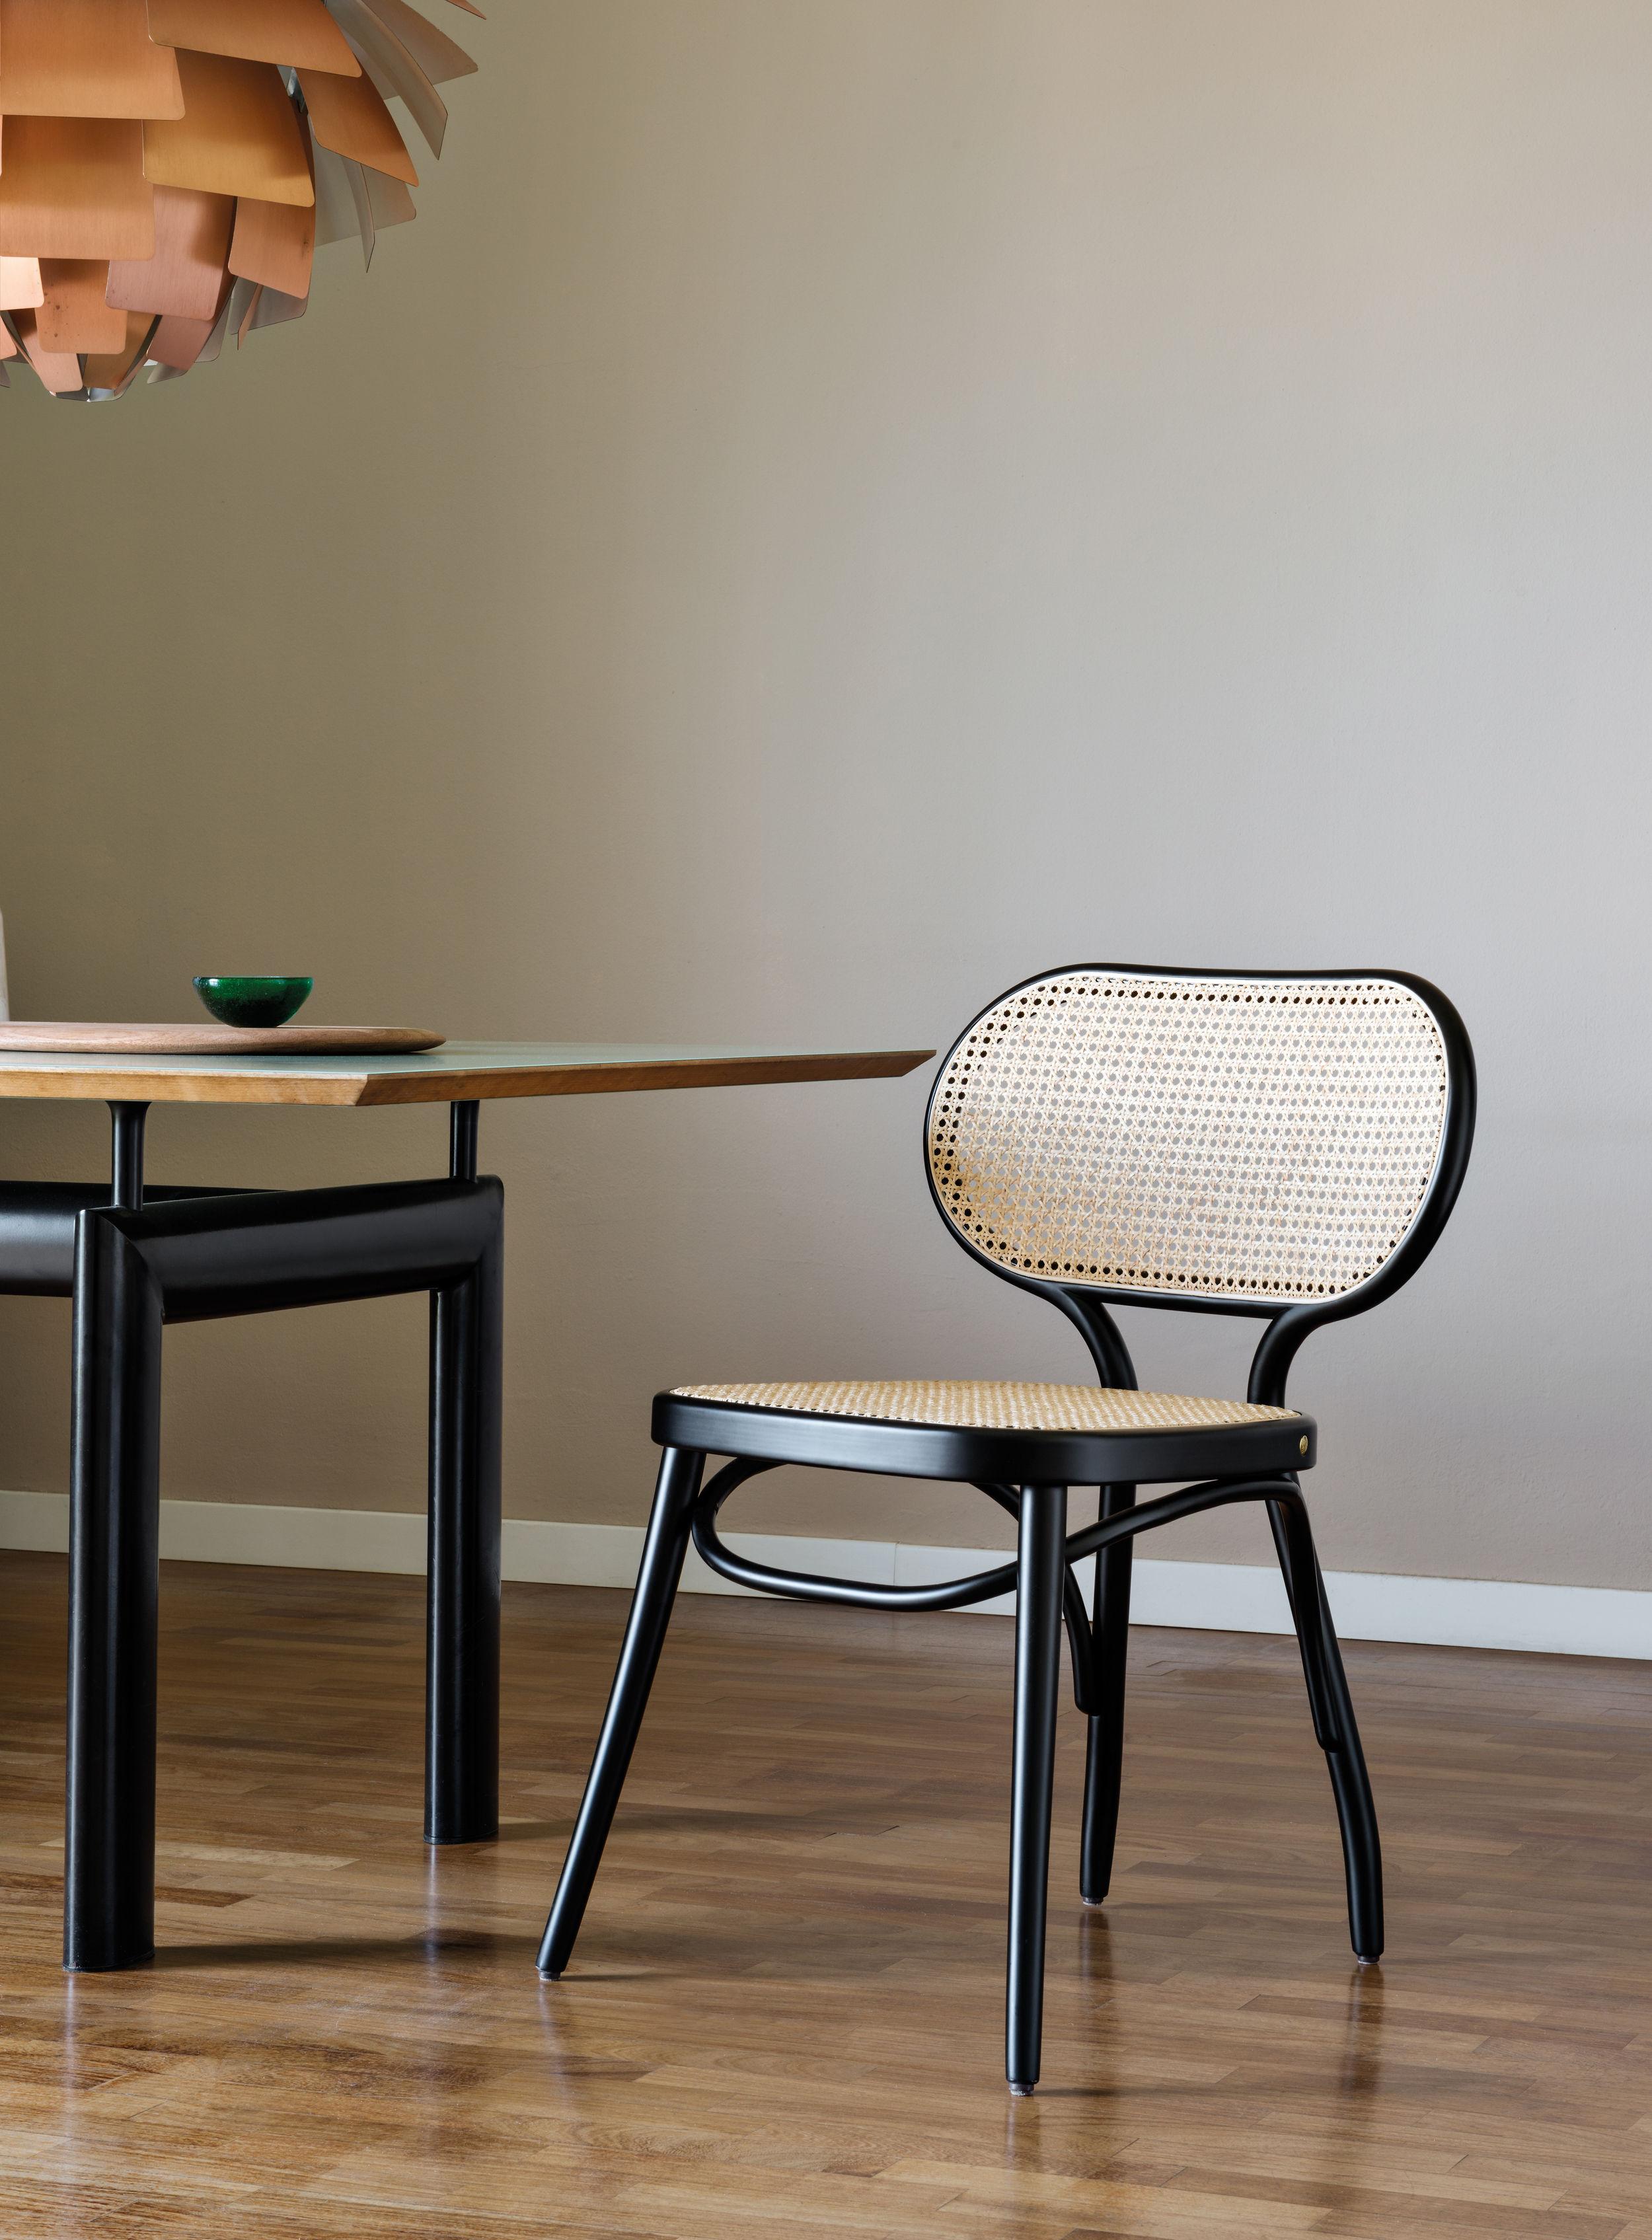 stuhl bodystuhl von wiener gtv design wei made in design. Black Bedroom Furniture Sets. Home Design Ideas